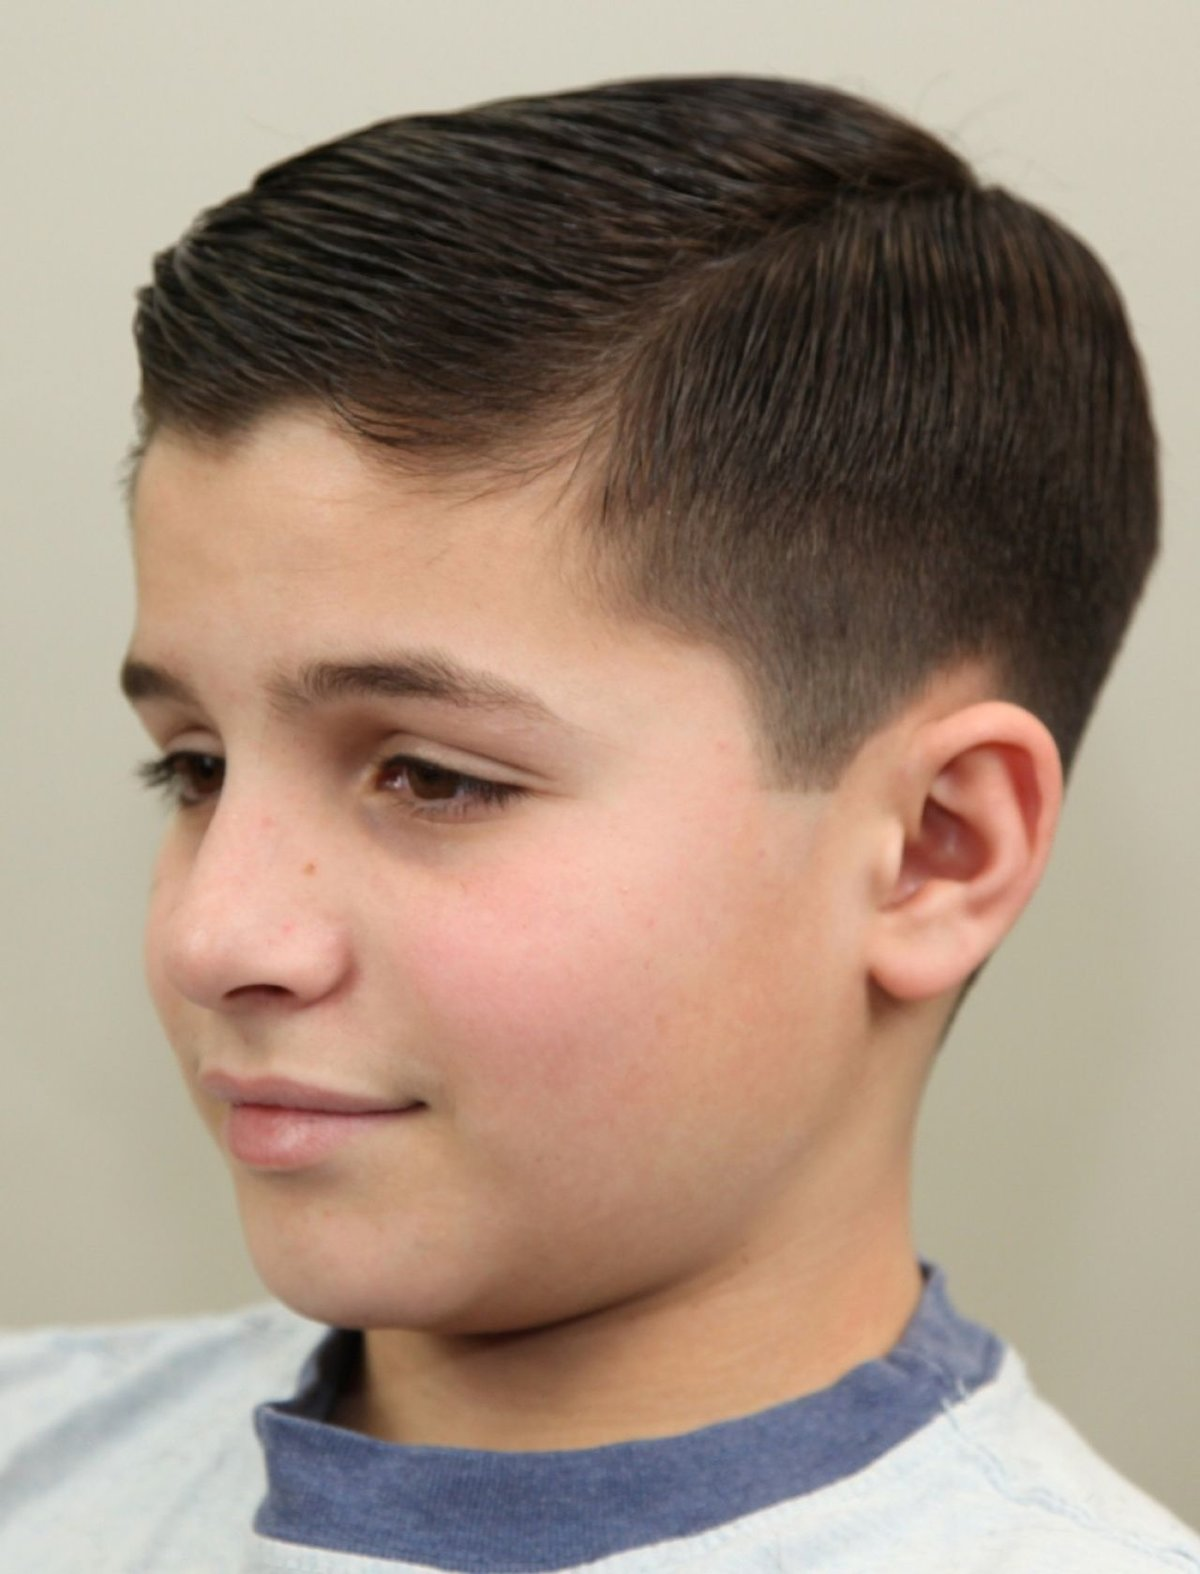 Причёски для коротких волос для мальчиков